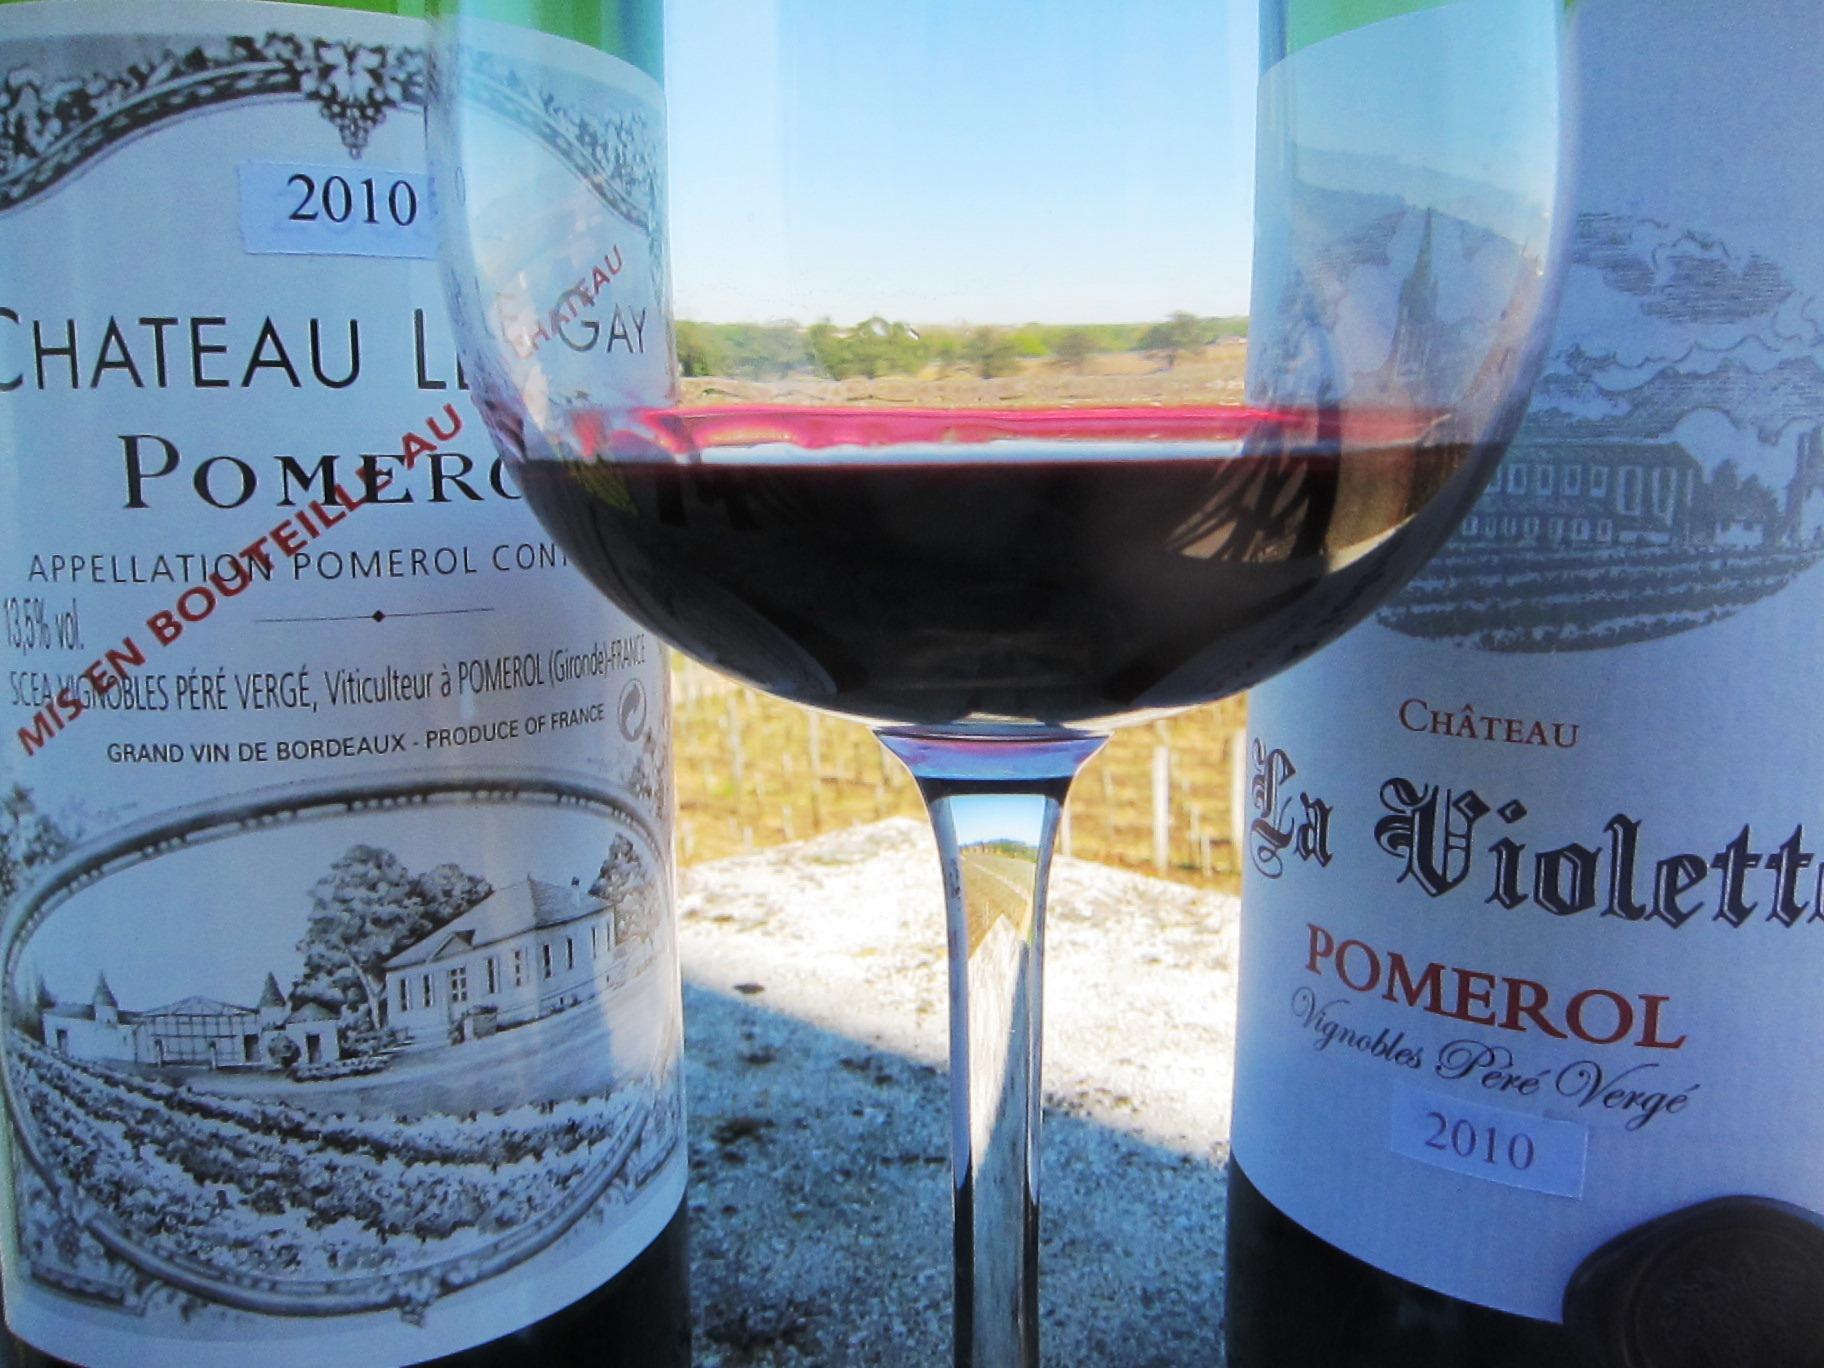 2010 pomerol bordeaux wine